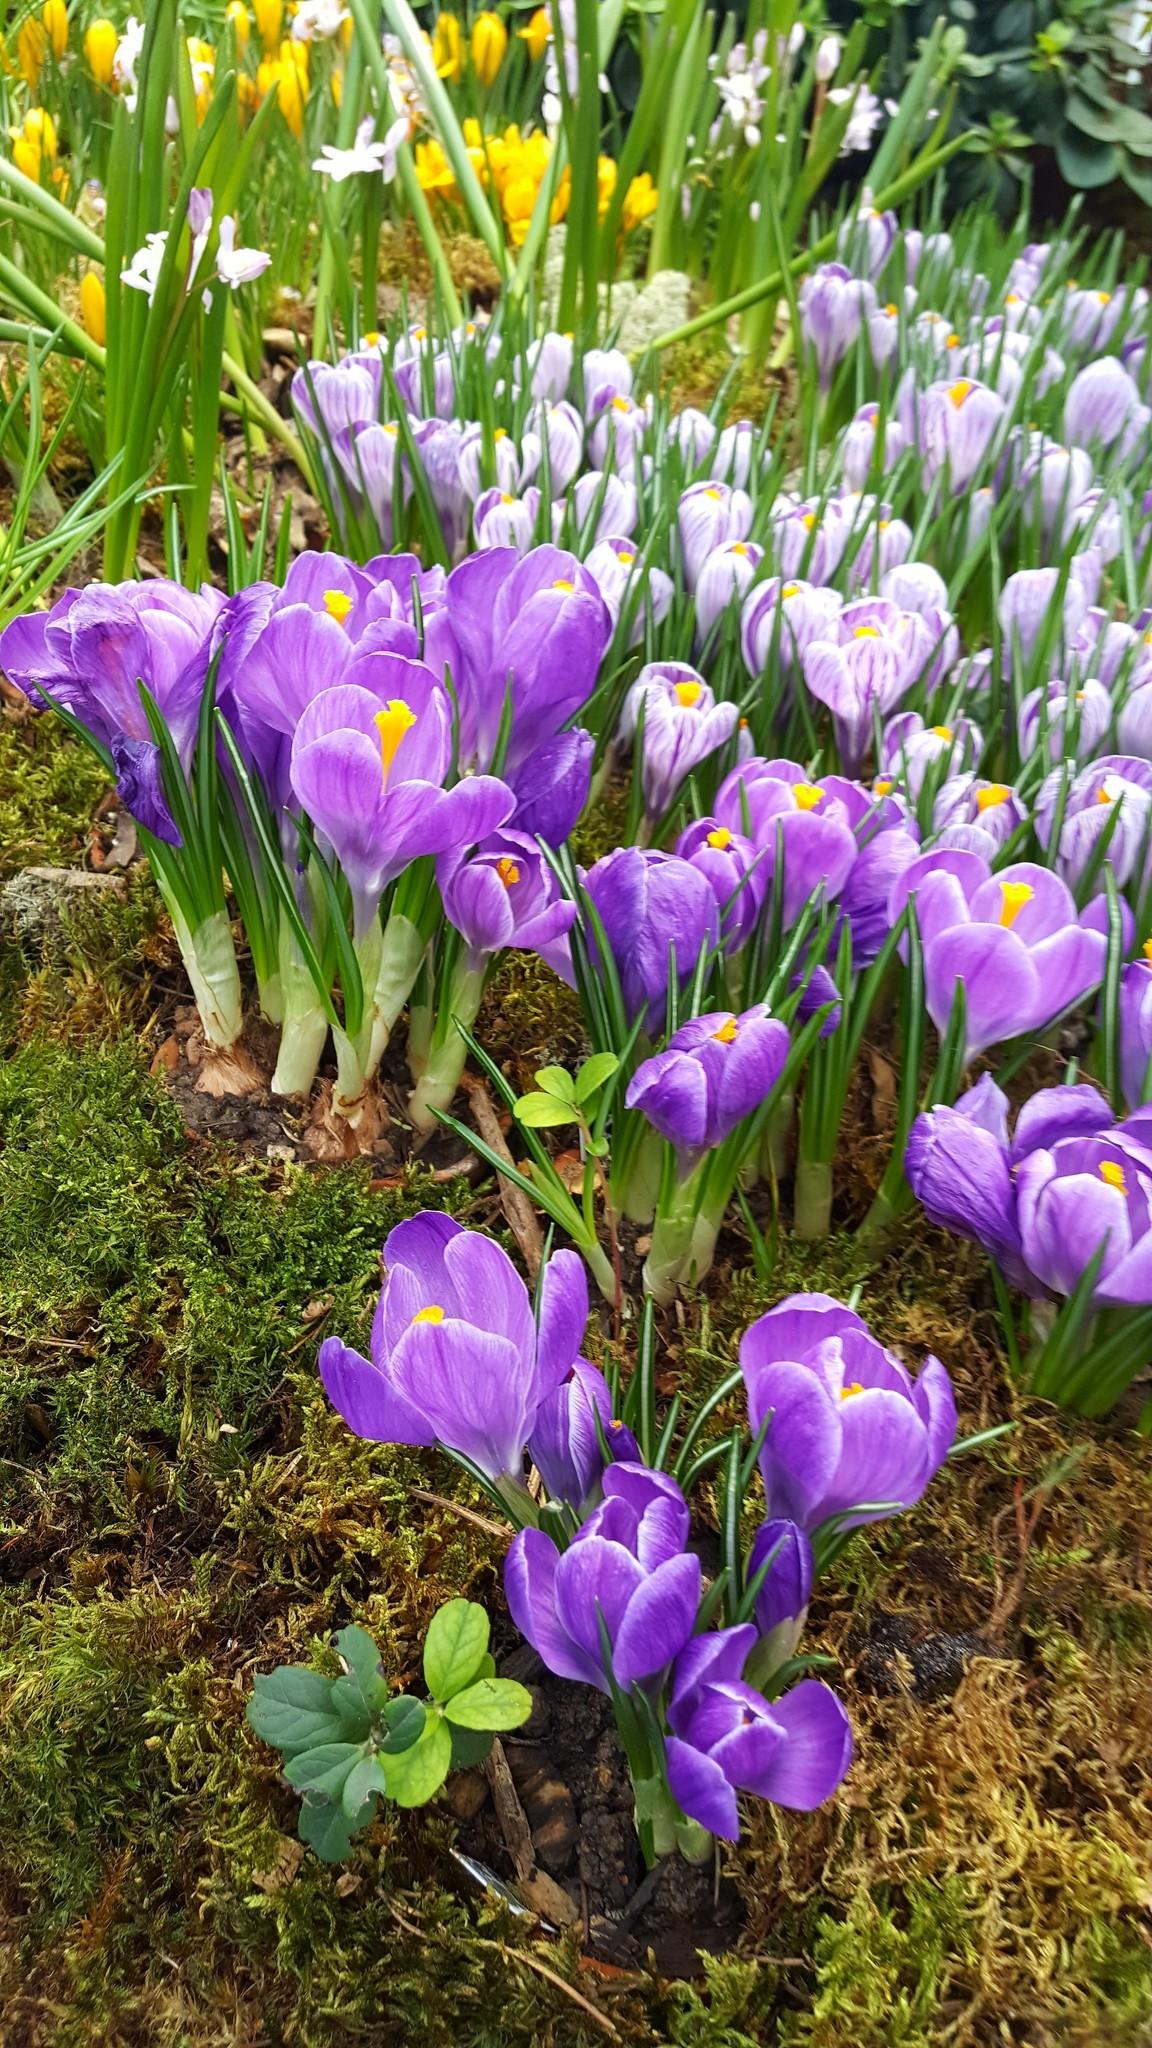 пора цветения крокусов фотогалерея островок